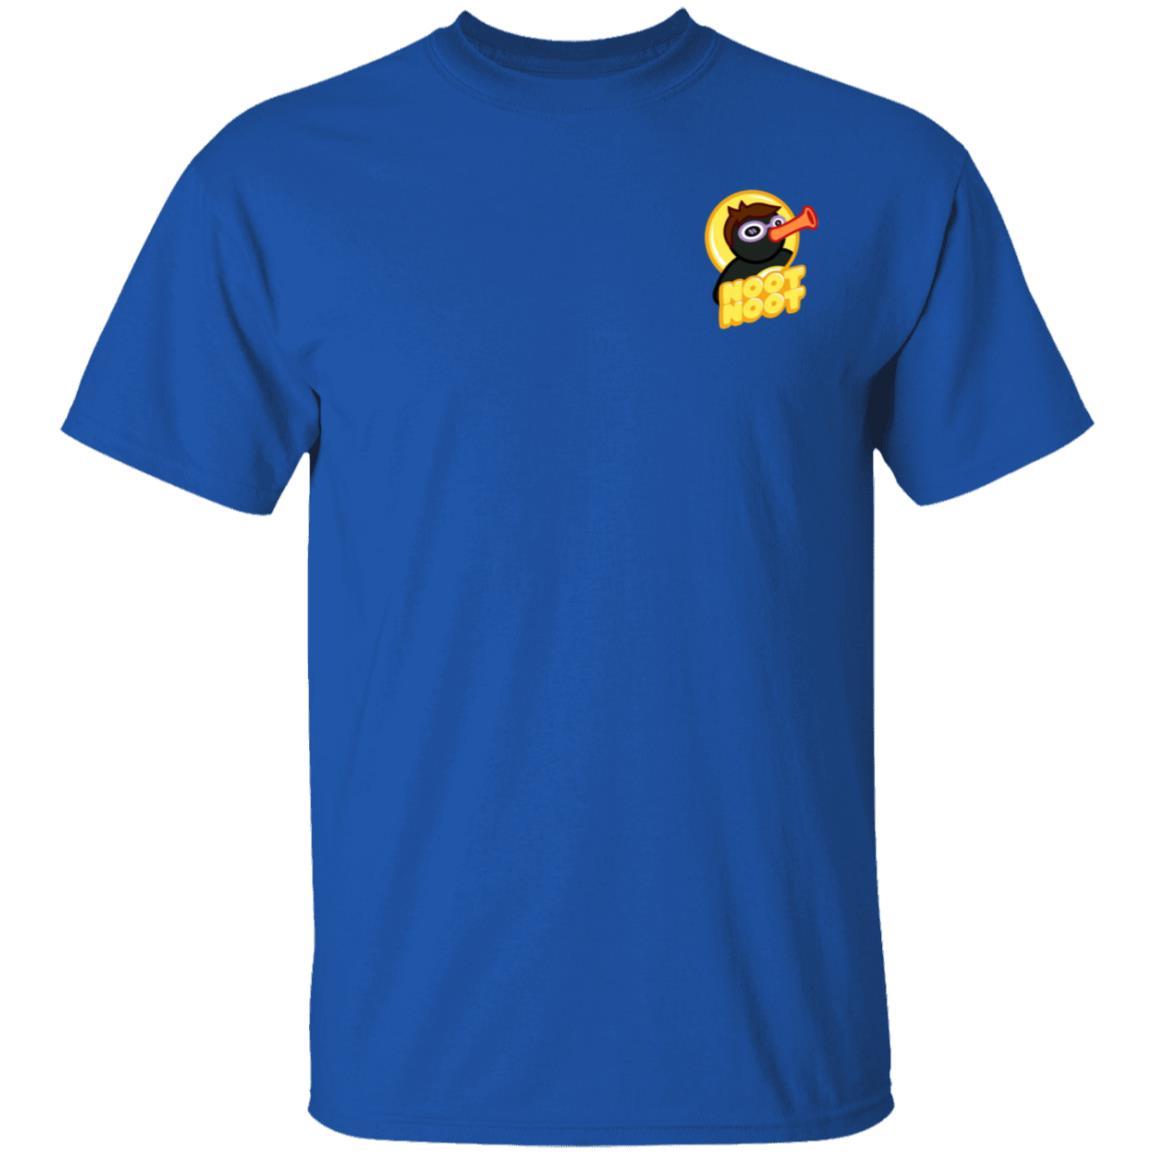 Georgenotfound Merch T Shirt Hoodie